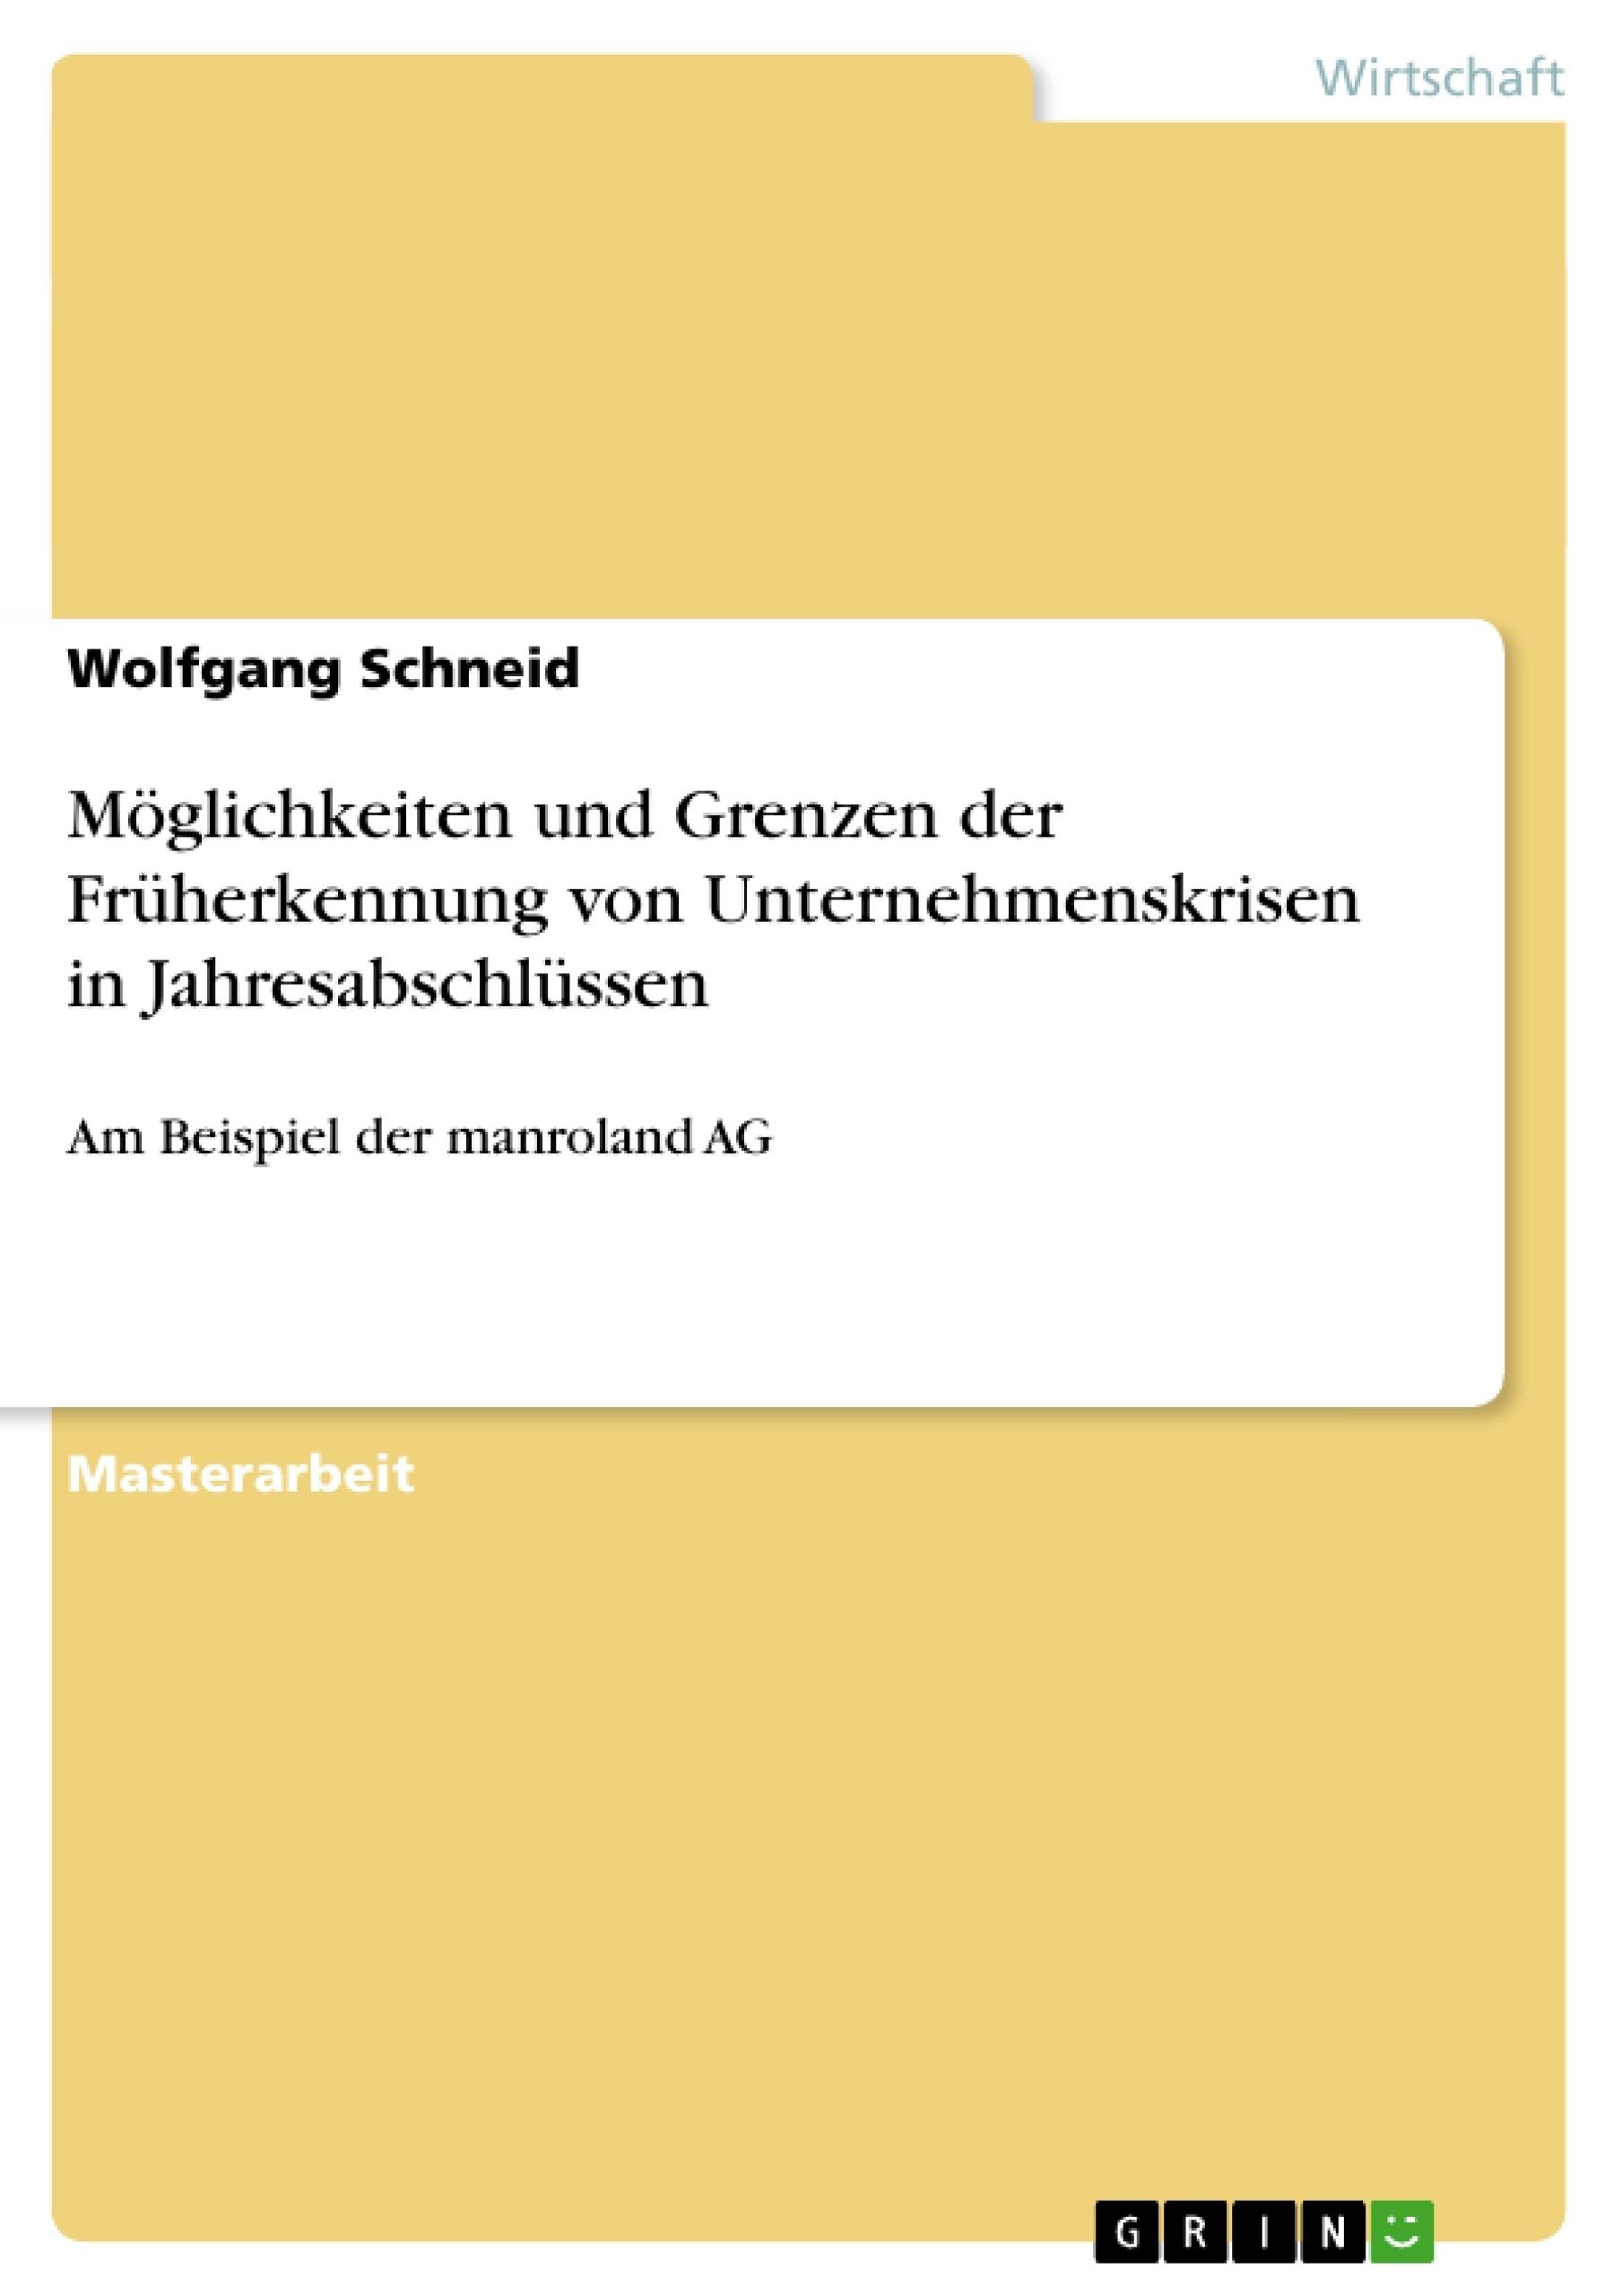 Titel: Möglichkeiten und Grenzen der Früherkennung von Unternehmenskrisen in Jahresabschlüssen